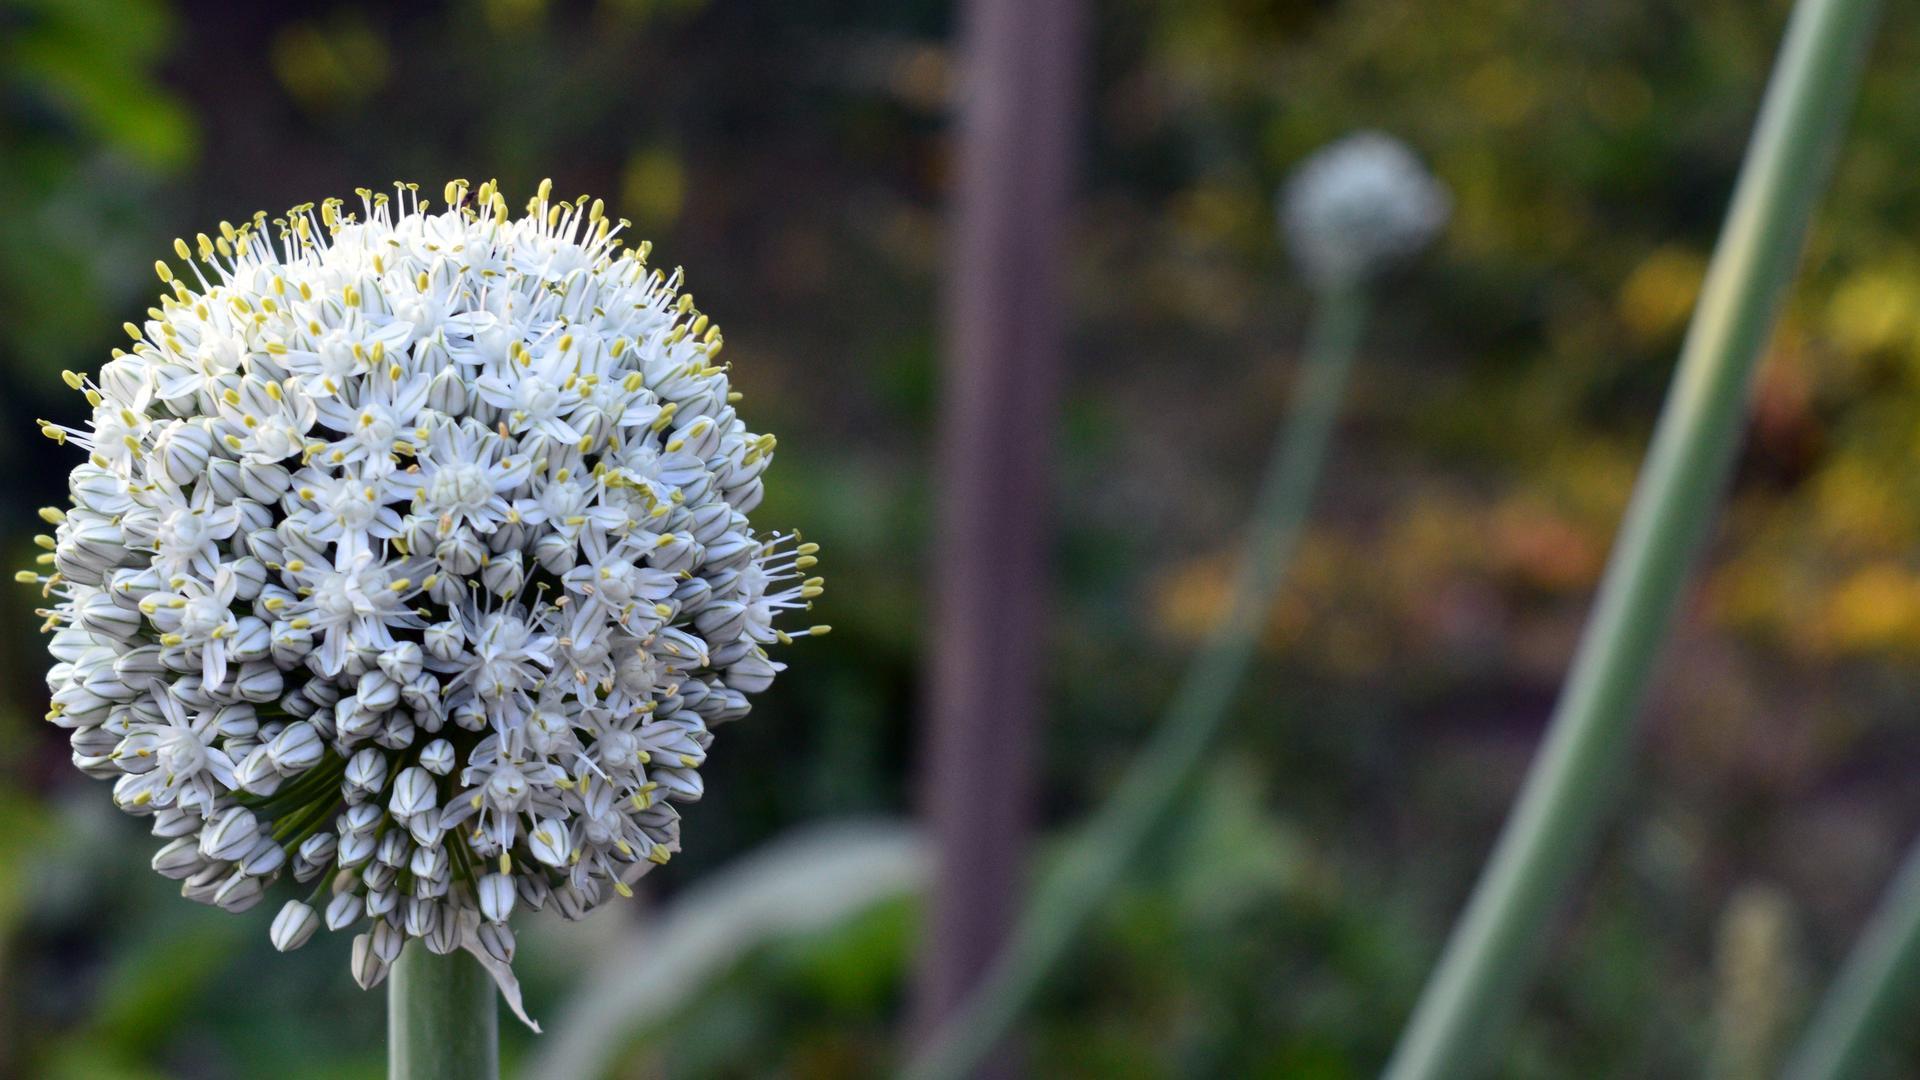 Naša prírodná perma záhradka v roku 2021 - 7/2021 - cibulička kvitne aj semienkuje